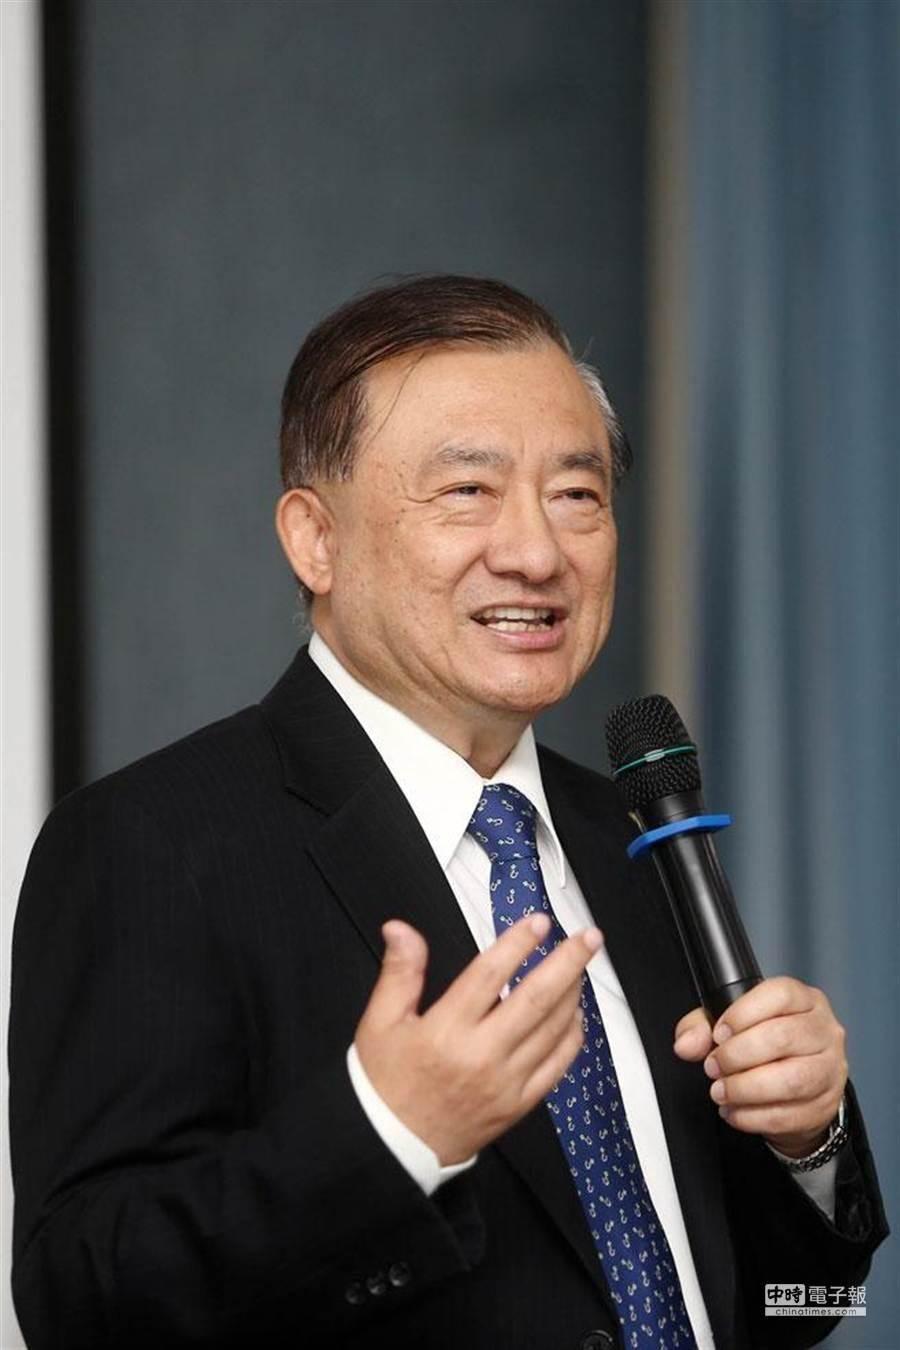 不滿太太遭媒體抹黑是肥貓,前經濟部長尹啟銘今澄清,妻子在中華電信服務42年退休,是一路從基層幹起。(圖:資料照片)